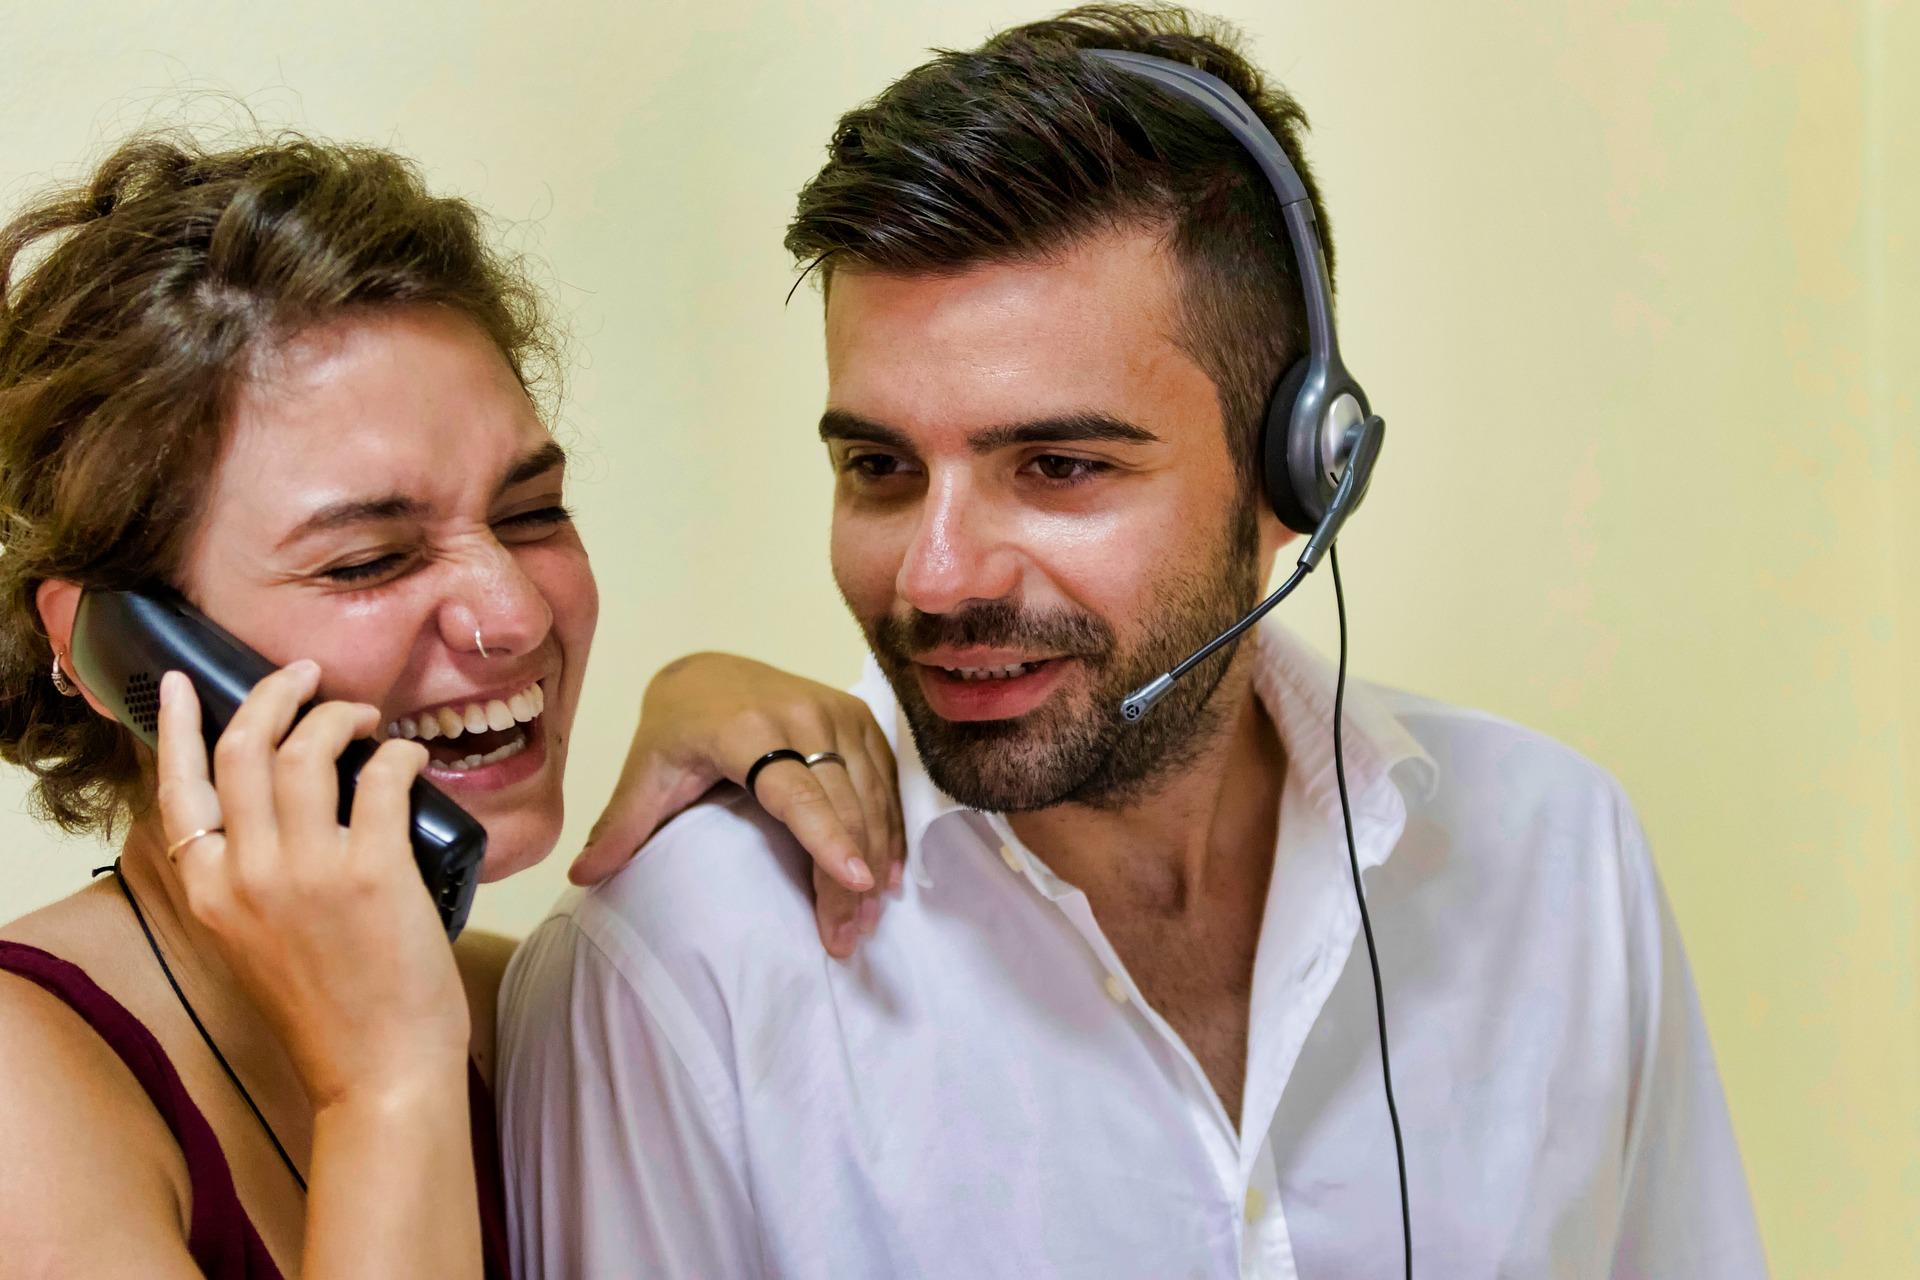 call-center-3399553_1920